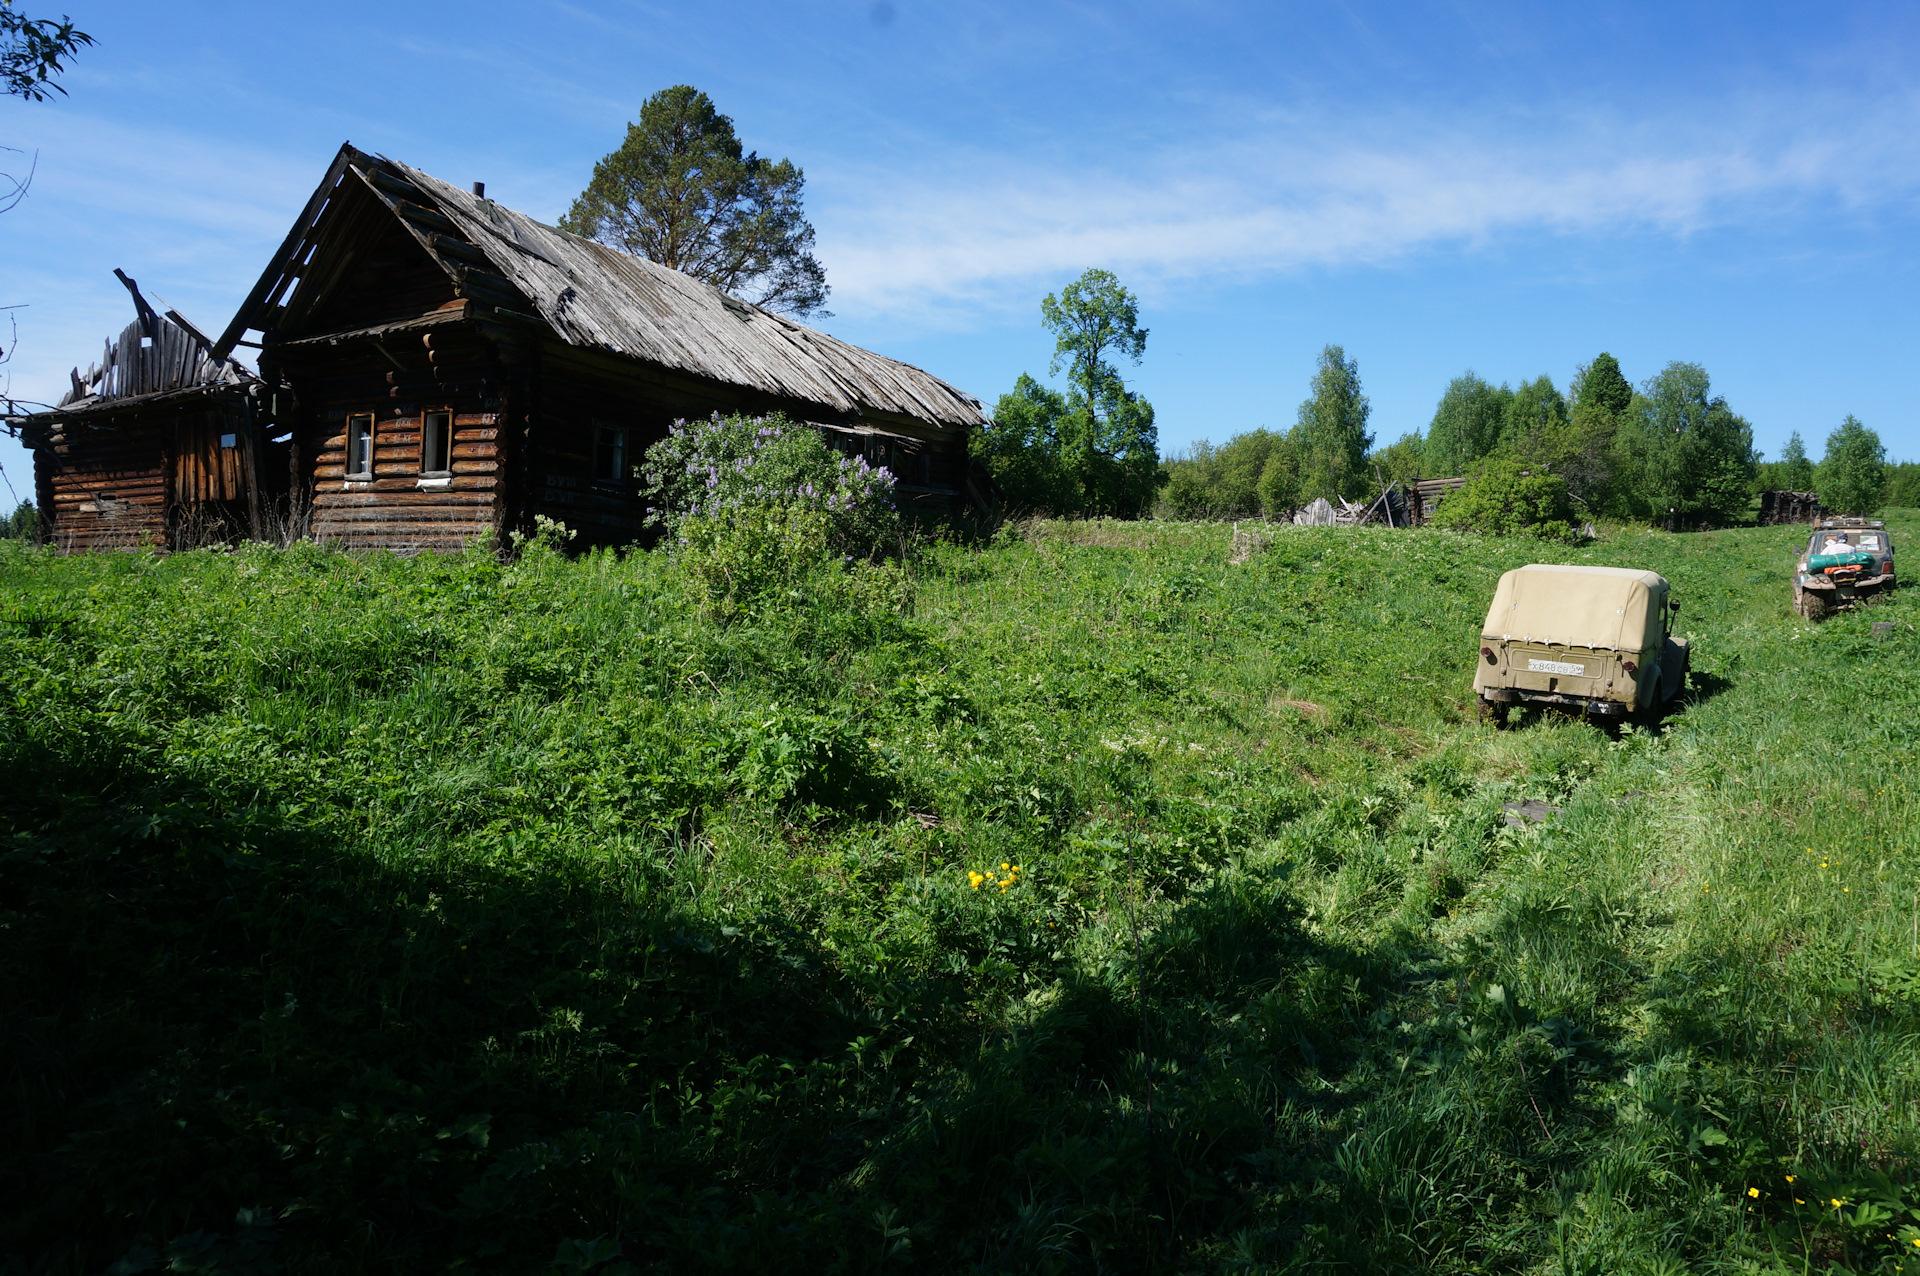 фото деревня моя деревянная дальняя сусликов